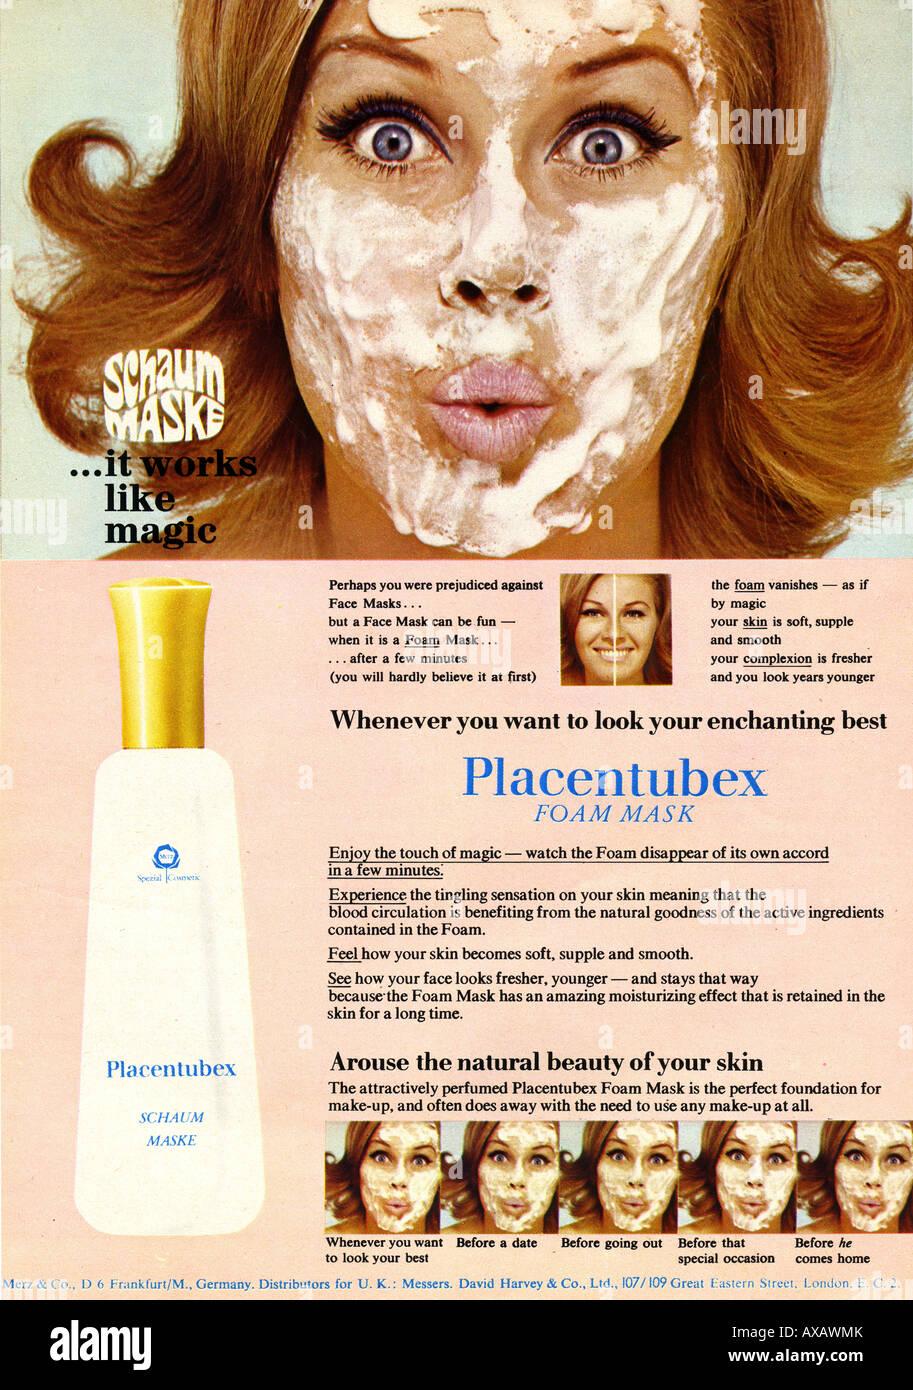 60 avril 1969 publicité pour Placentubex Masque mousse pour un usage éditorial uniquement Photo Stock